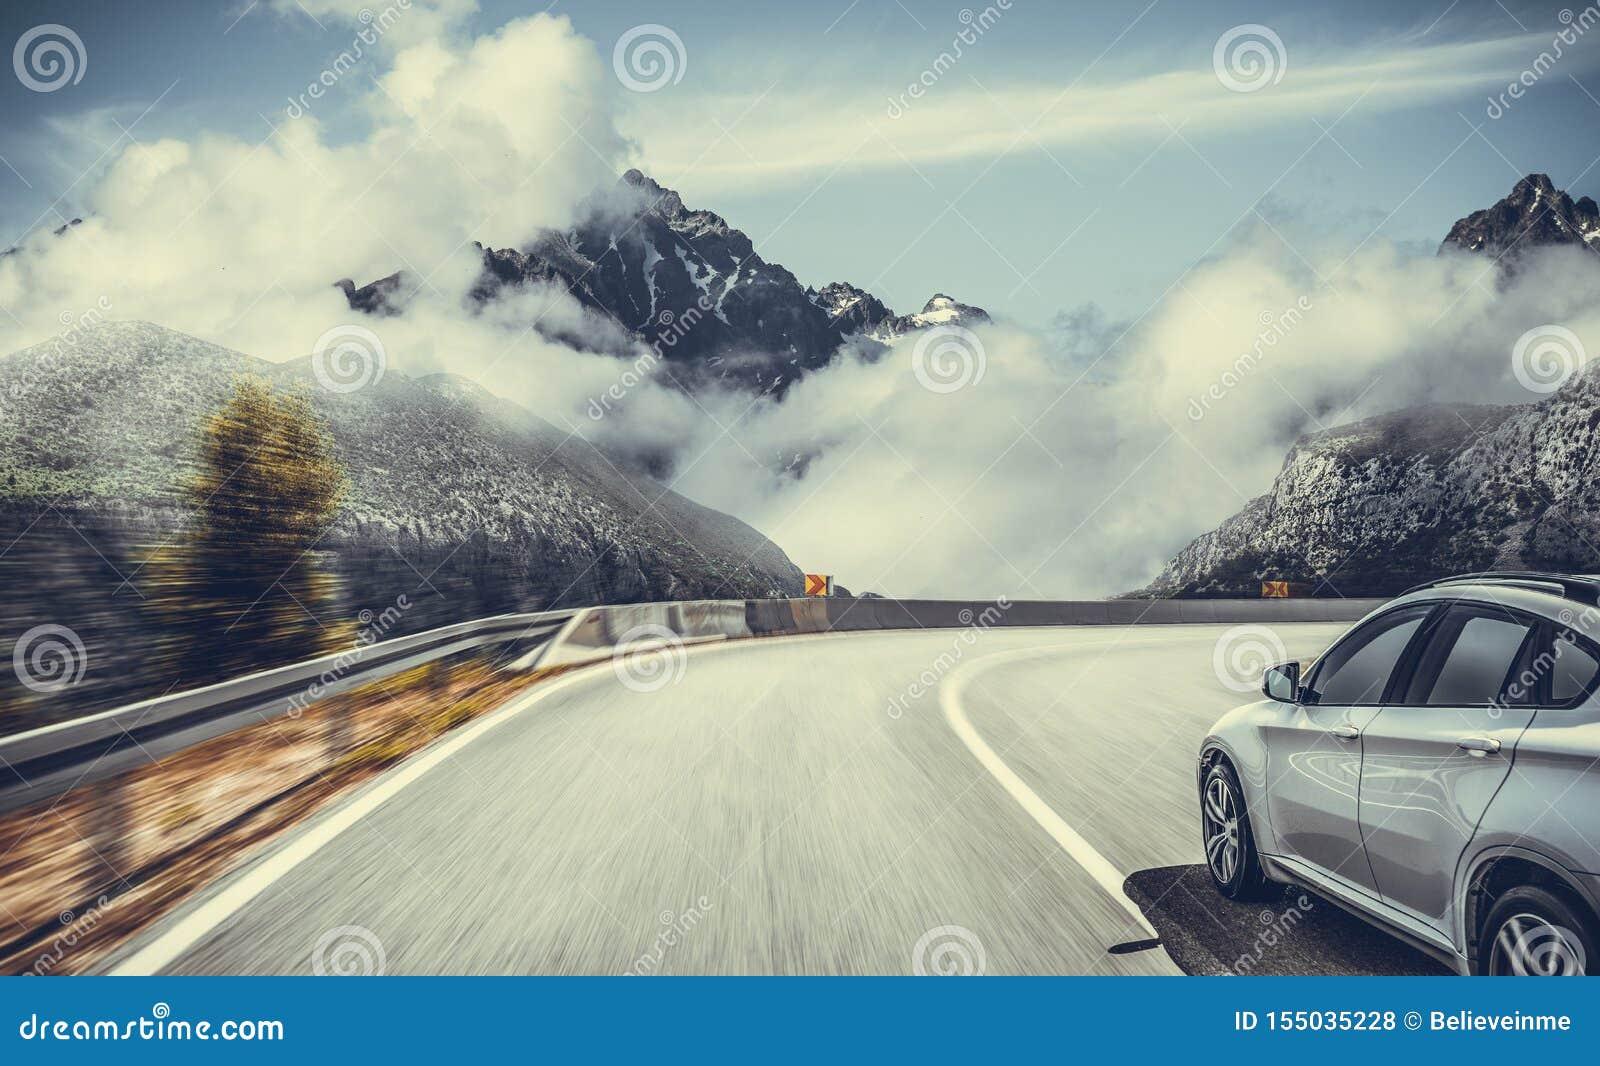 Шоссе среди пейзажа горы Белый автомобиль на дороге горы